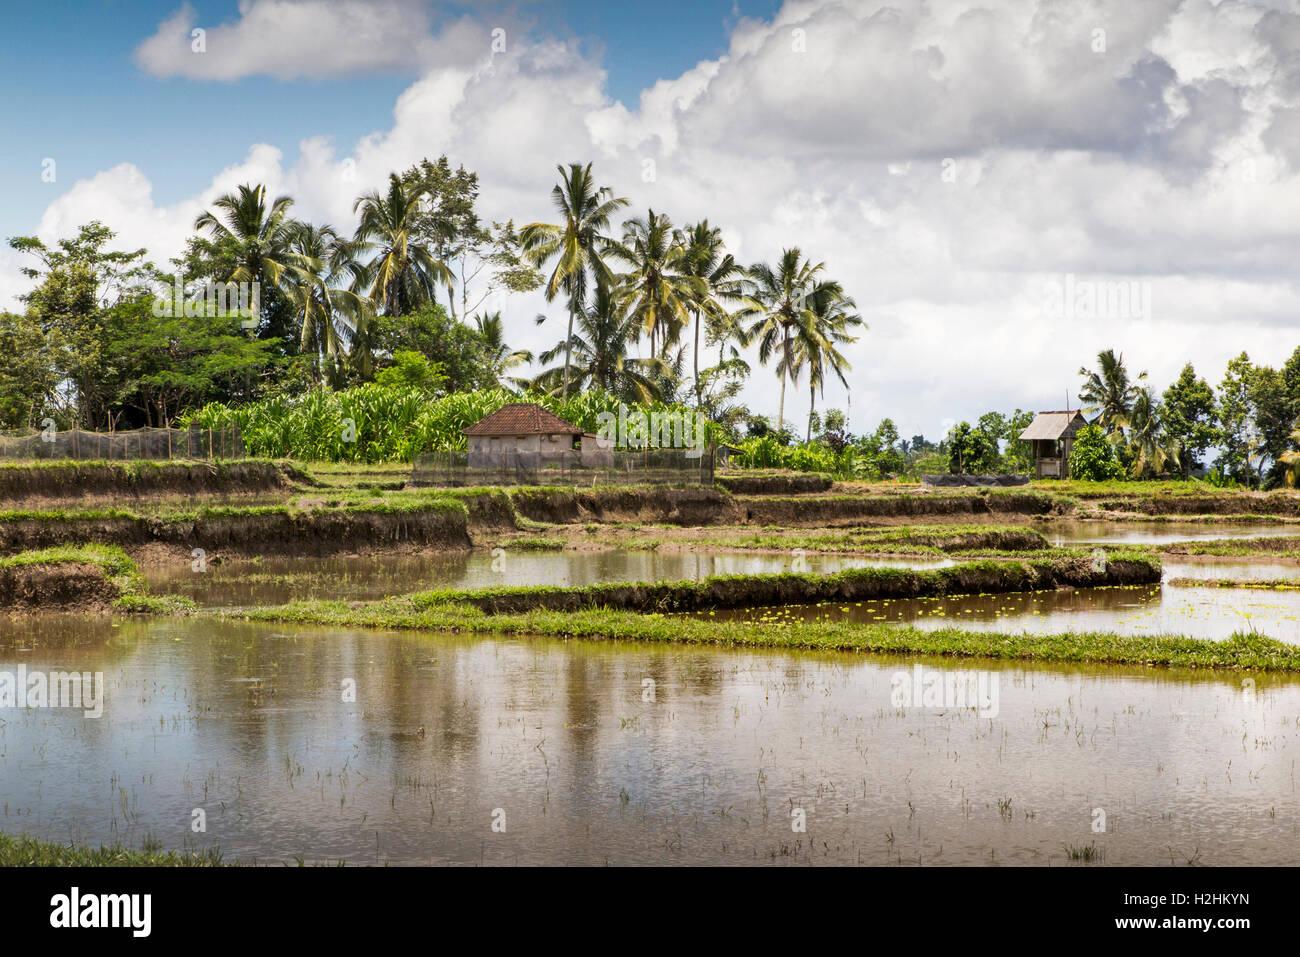 Indonesia, centro di Bali, Pupuan, irrigati risaie inondate con acqua preparata per l'impianto di riso Immagini Stock